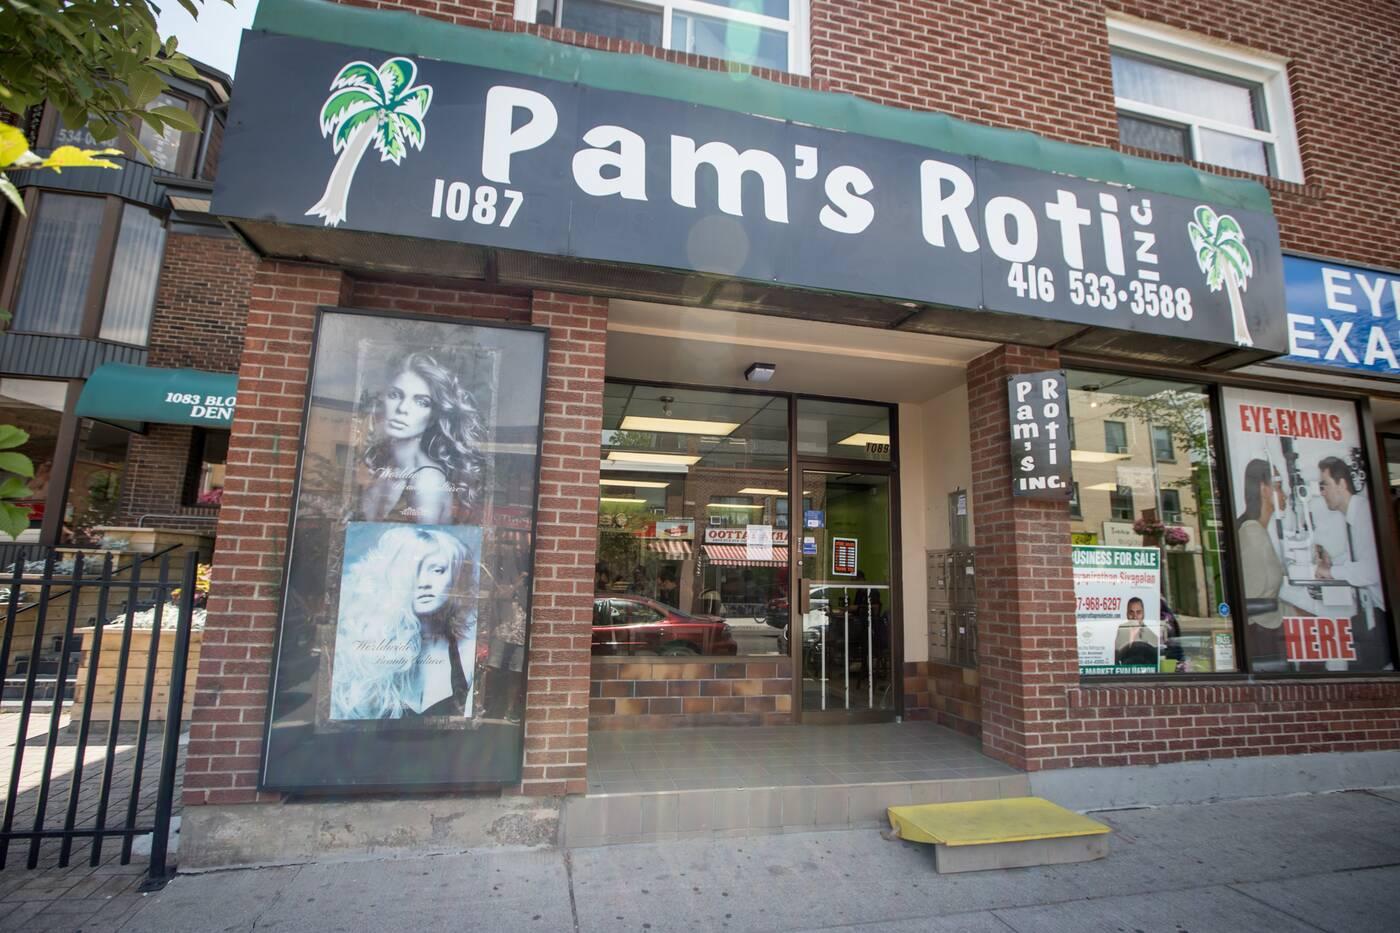 Pams Roti Toronto